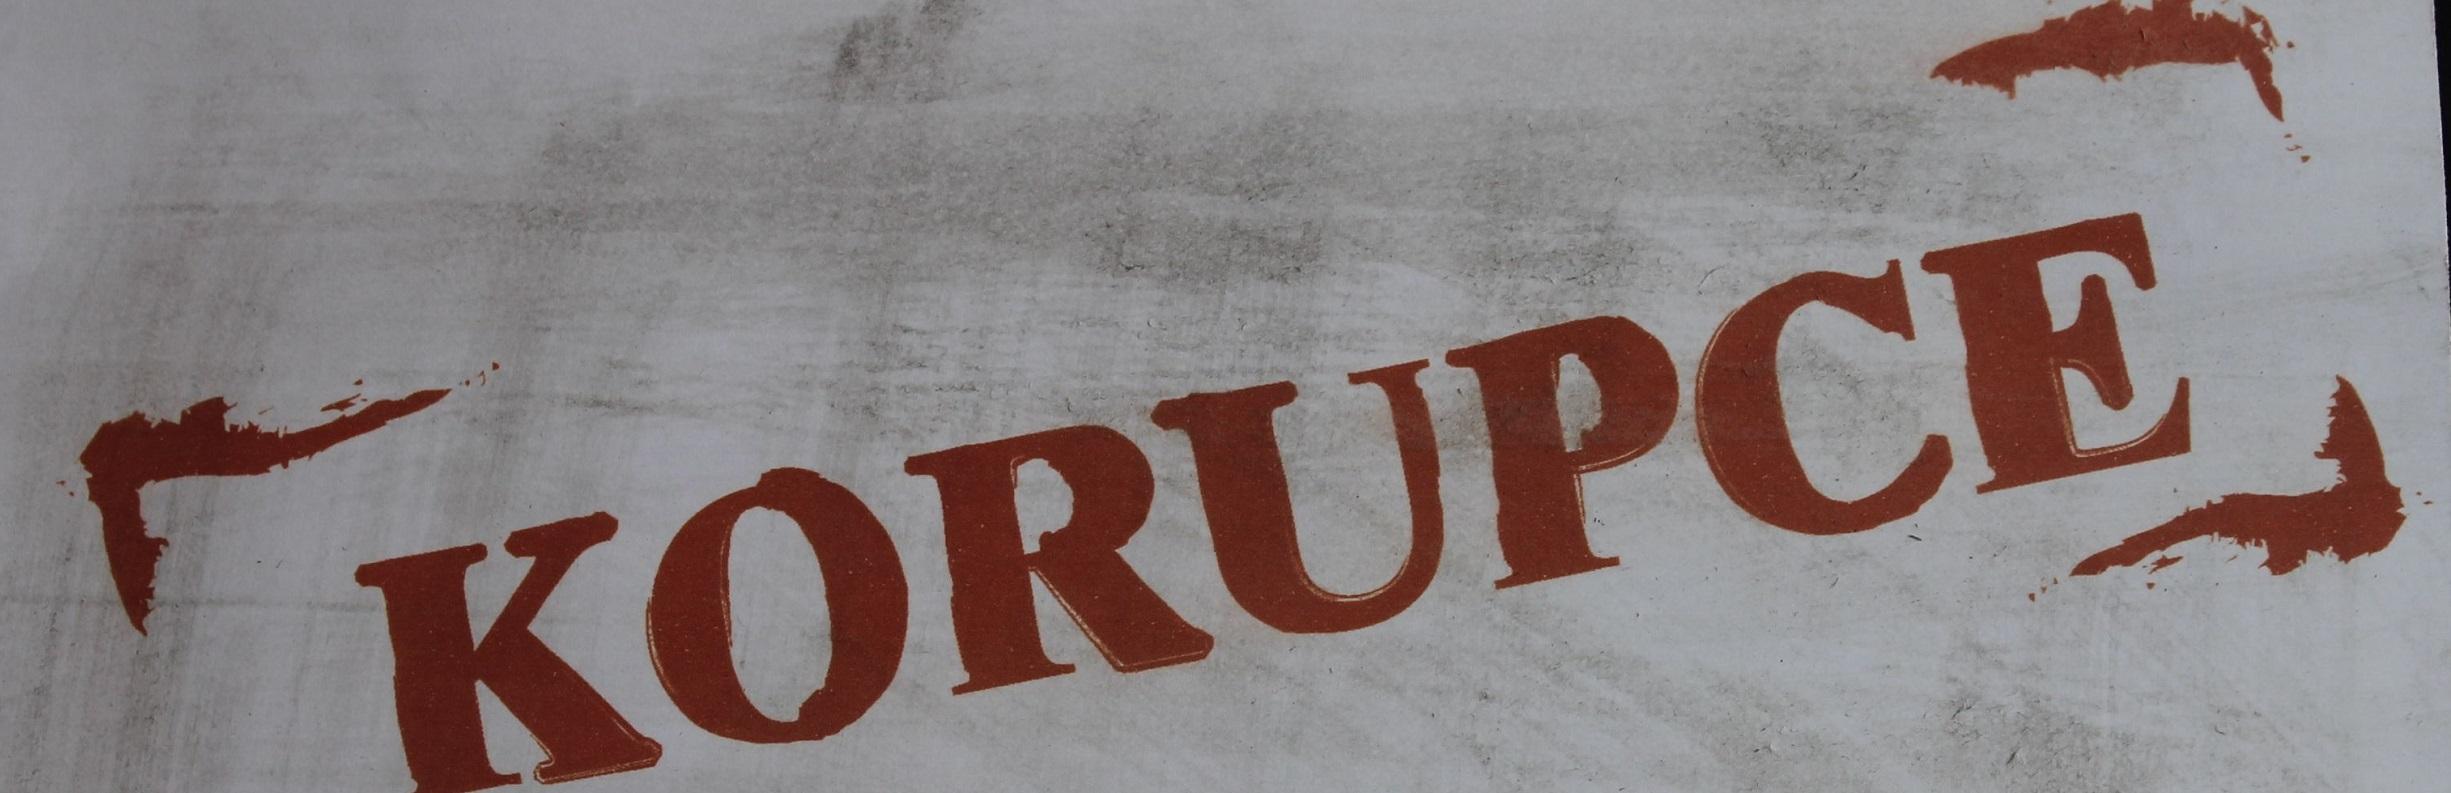 Korupce